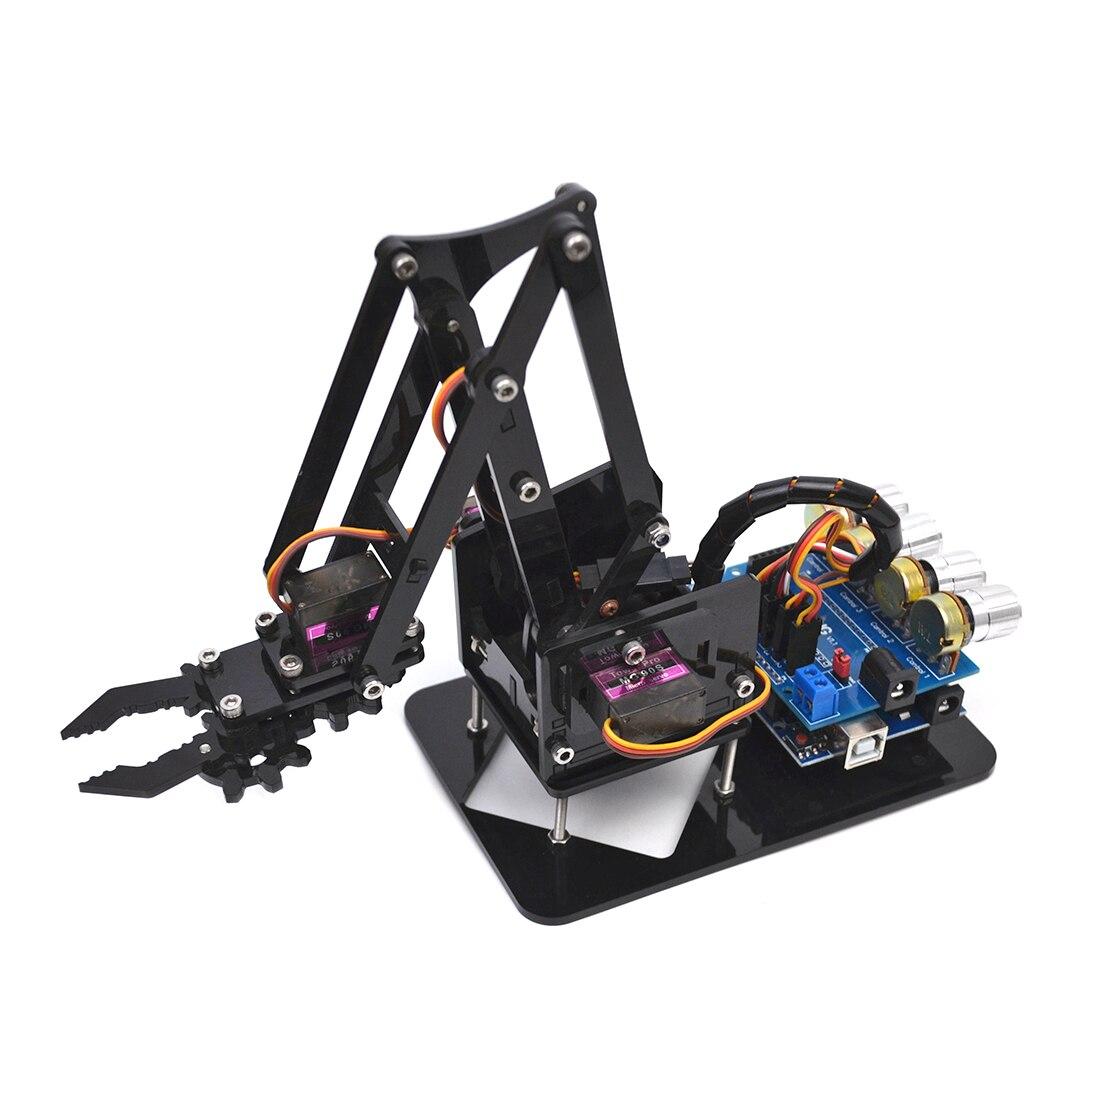 Robot acrílico DIY, garra Robot, Kit Arduino, 4DOF, Manipulador mecánico, triangulación de envíos Válvula de cierre de Manipulador automático de DC8V-DC16V para alarma, dispositivo de seguridad para tuberías de Gas y agua para cocina y baño